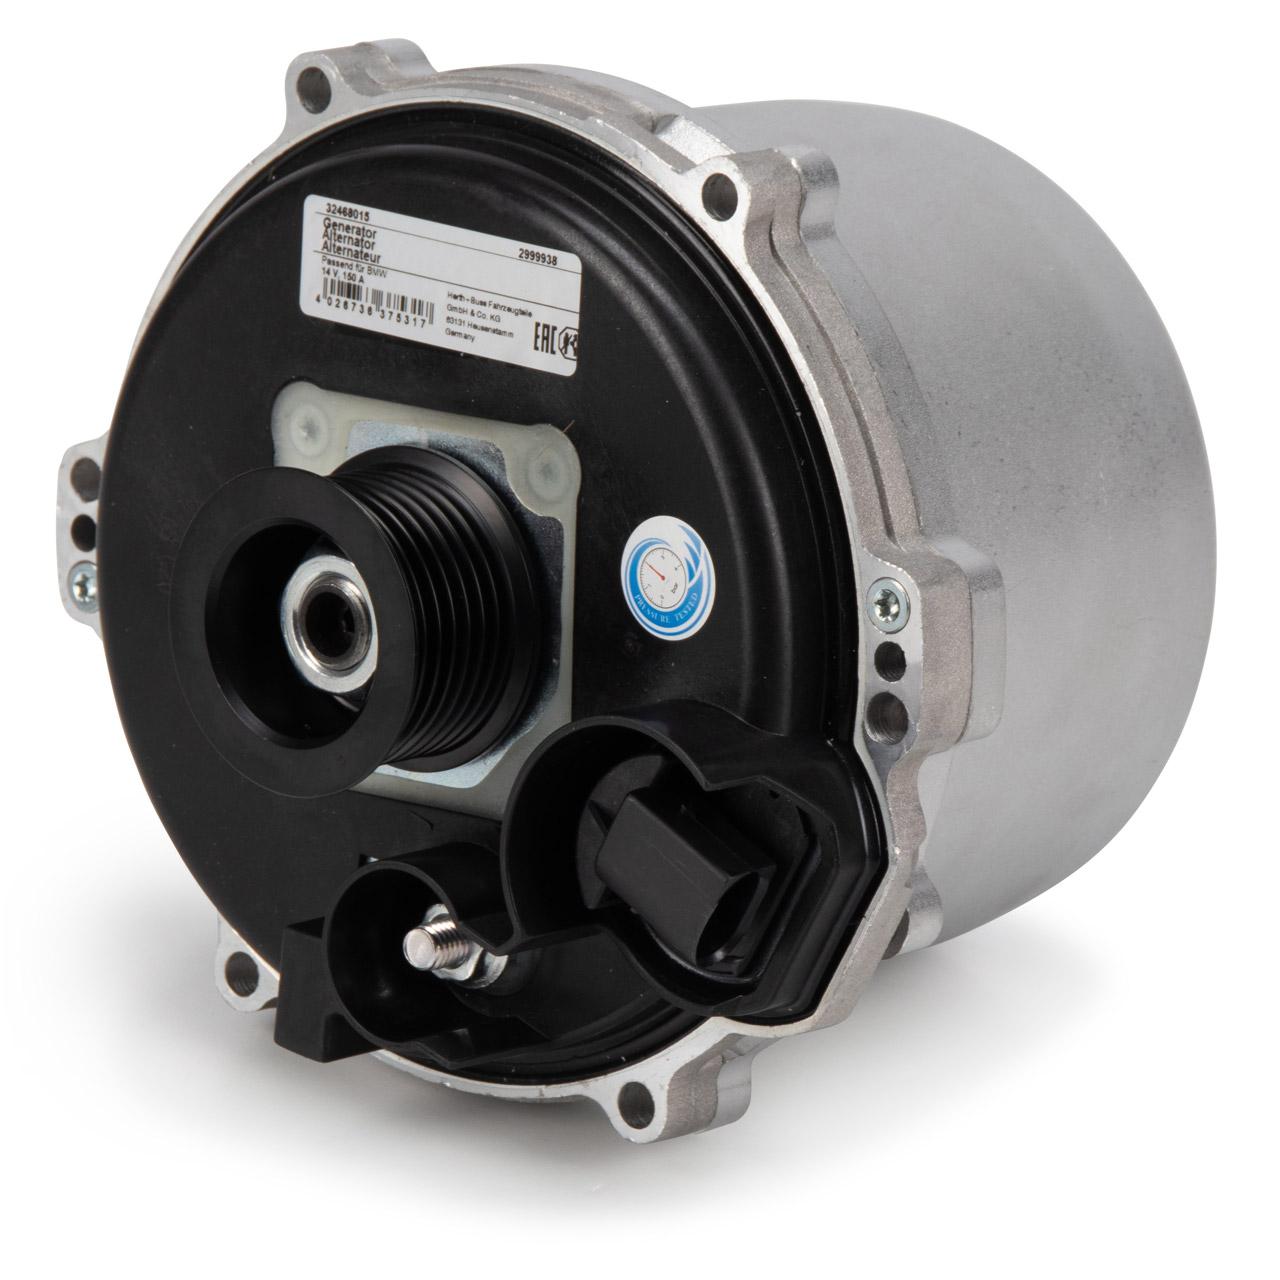 HERTH+BUSS ELPARTS Lichtmaschine 14V 150A BMW 5er E39 535/540i 7er E38 735/740i 740d